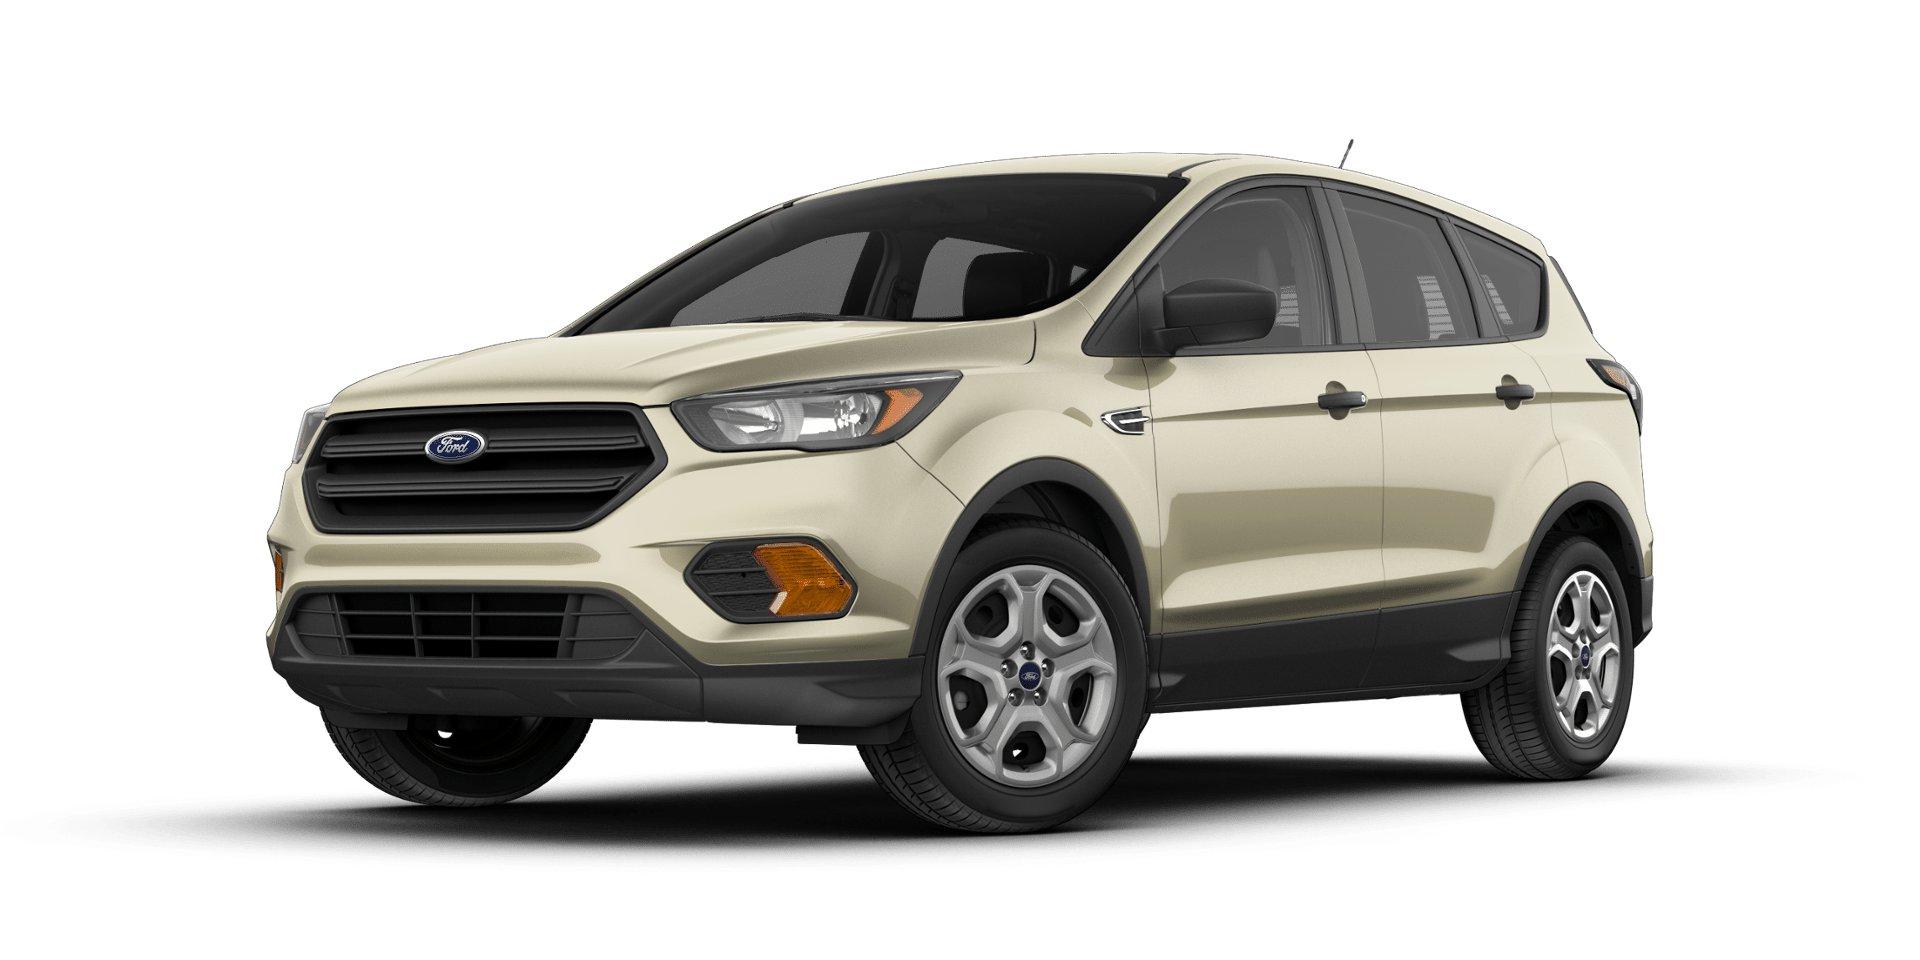 Ford Escape Interior Colors 2015 see 2013 ford escape